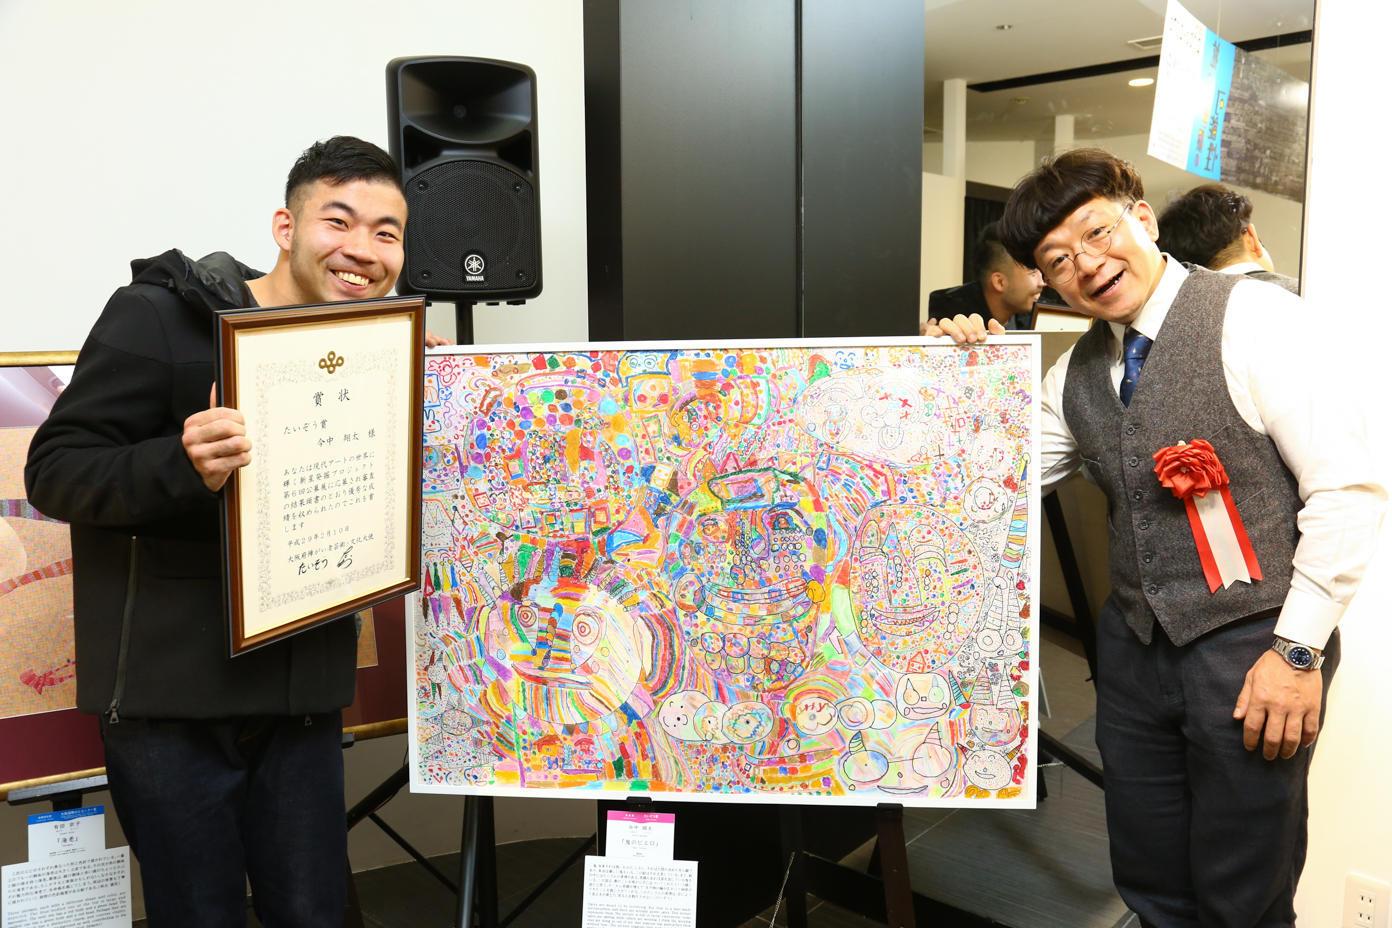 http://news.yoshimoto.co.jp/20170210155606-c9a963cb074188cb85e68f71446d2206a7dd6ef3.jpg